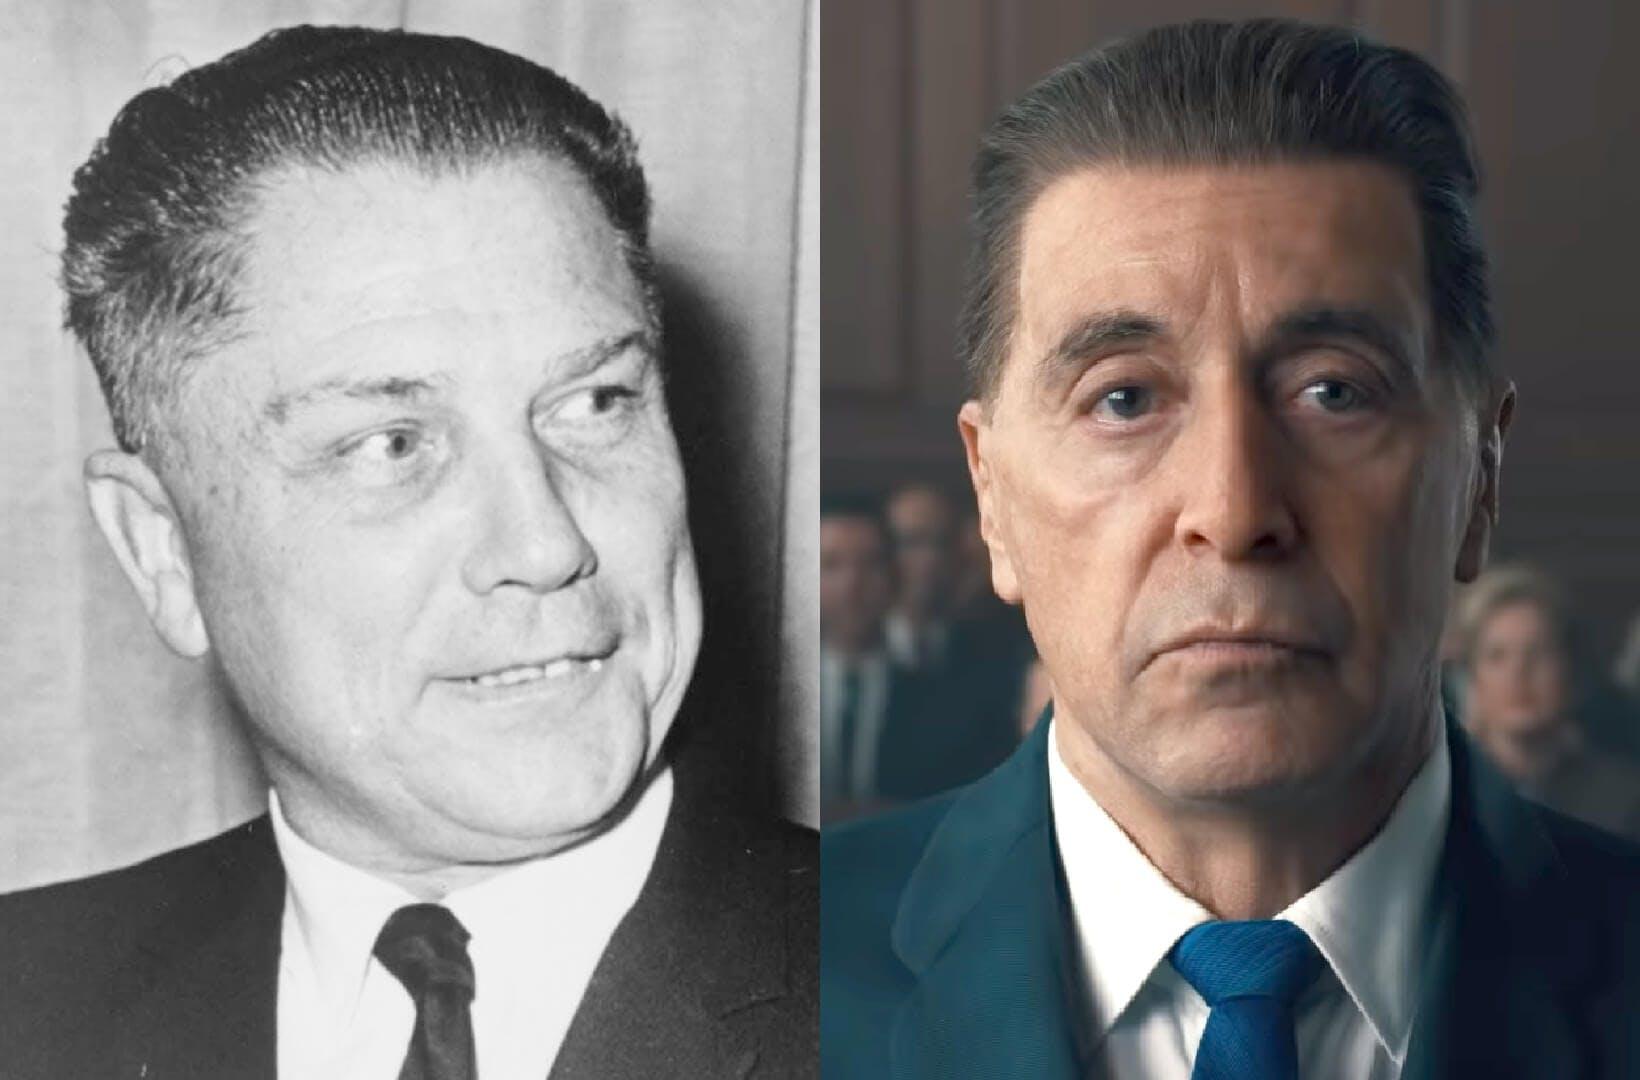 who killed jimmy hoffa al pacino as jimmy hoffa